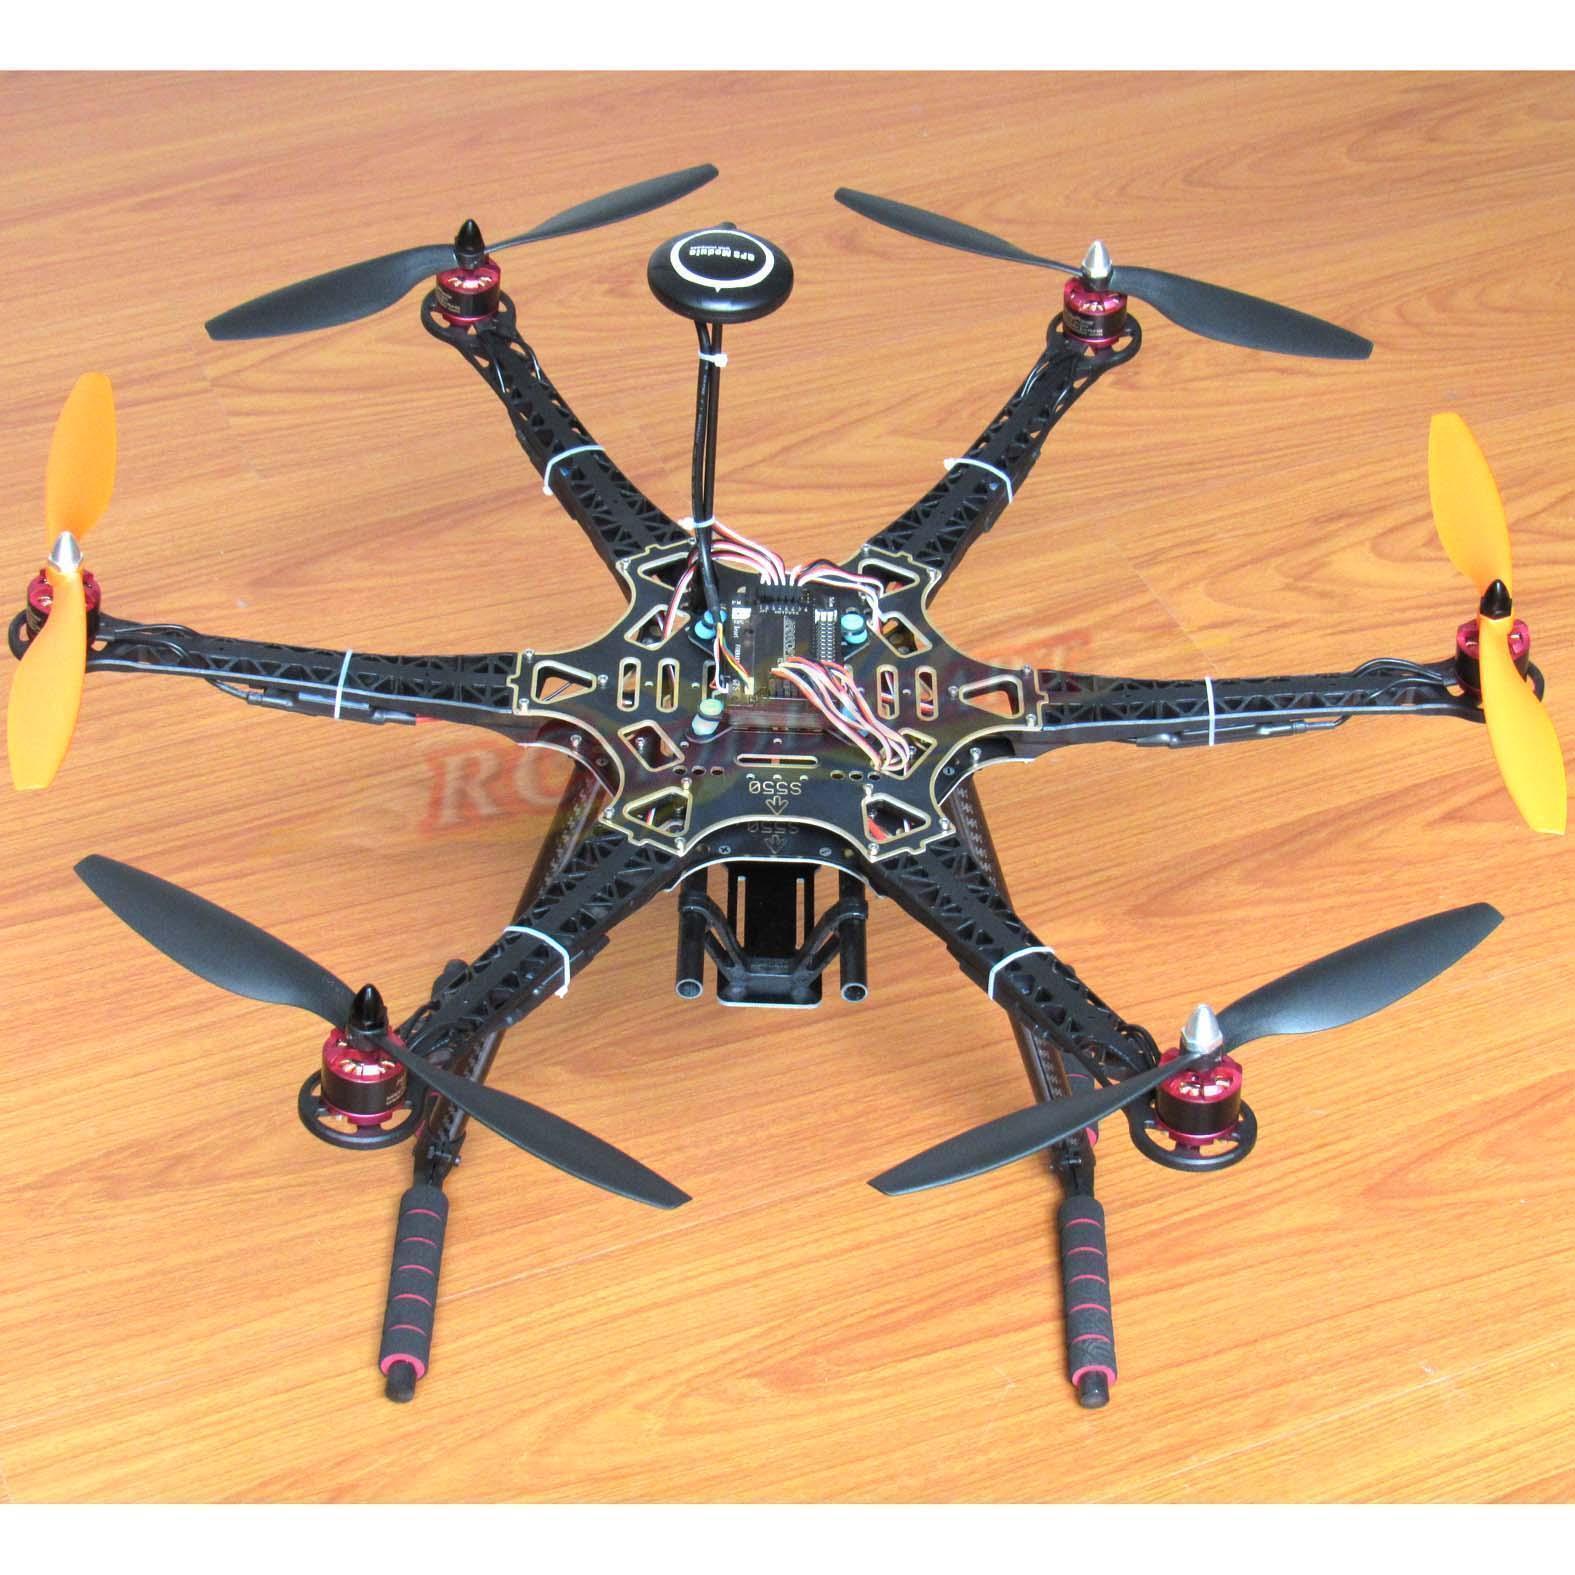 Hazlo tú mismo S550 Hexacóptero con APM2.8 FC NEO-7M GPS HP2212 920KV BL Motor Simonk 30A Esc